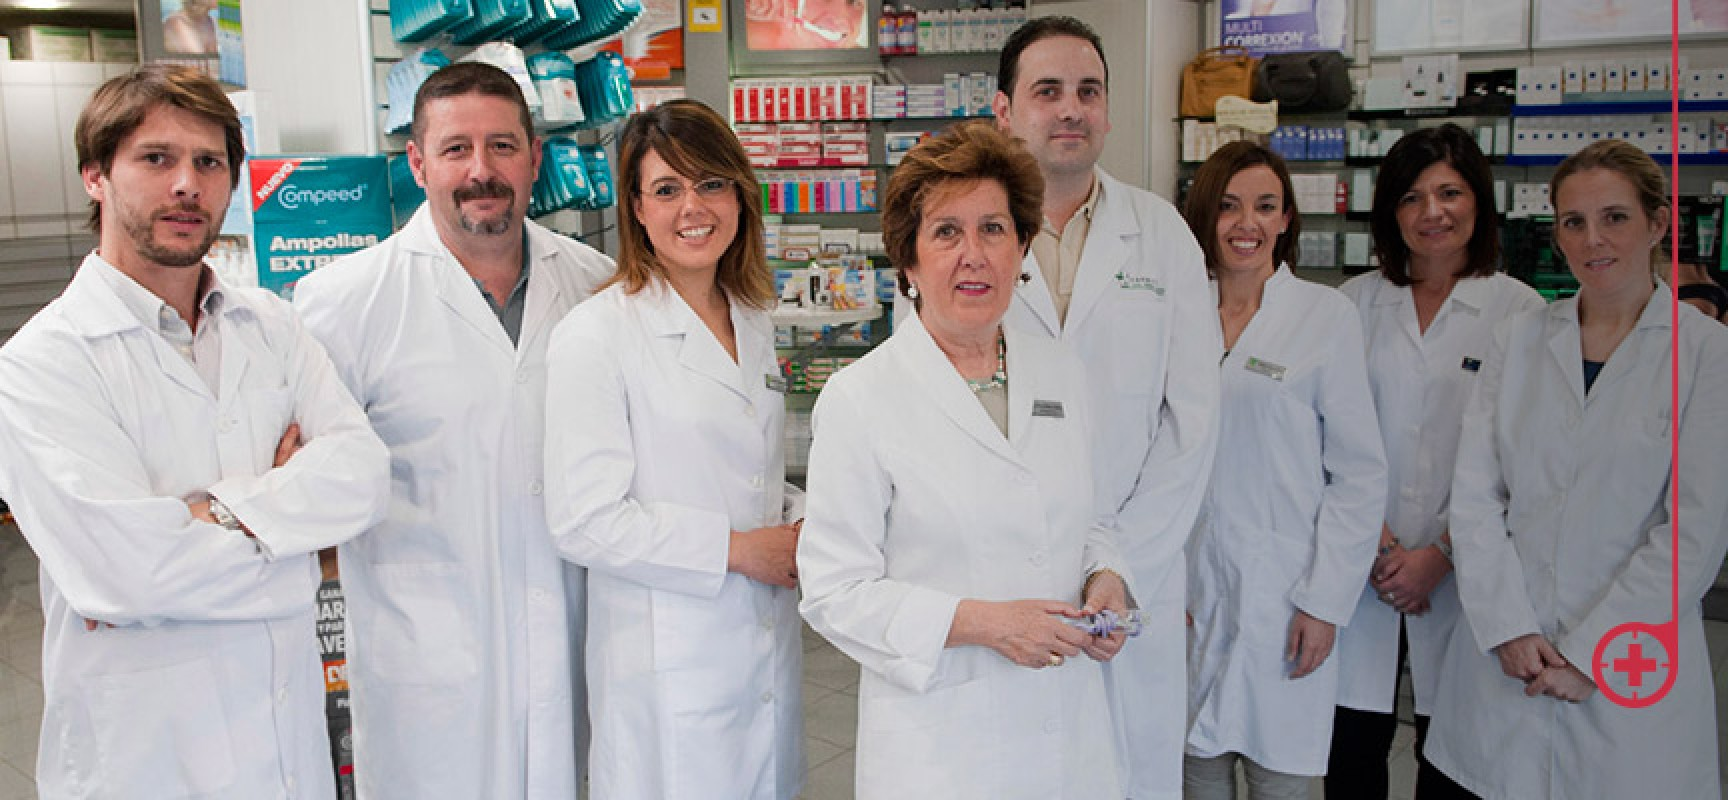 La farmacia busca la innovación